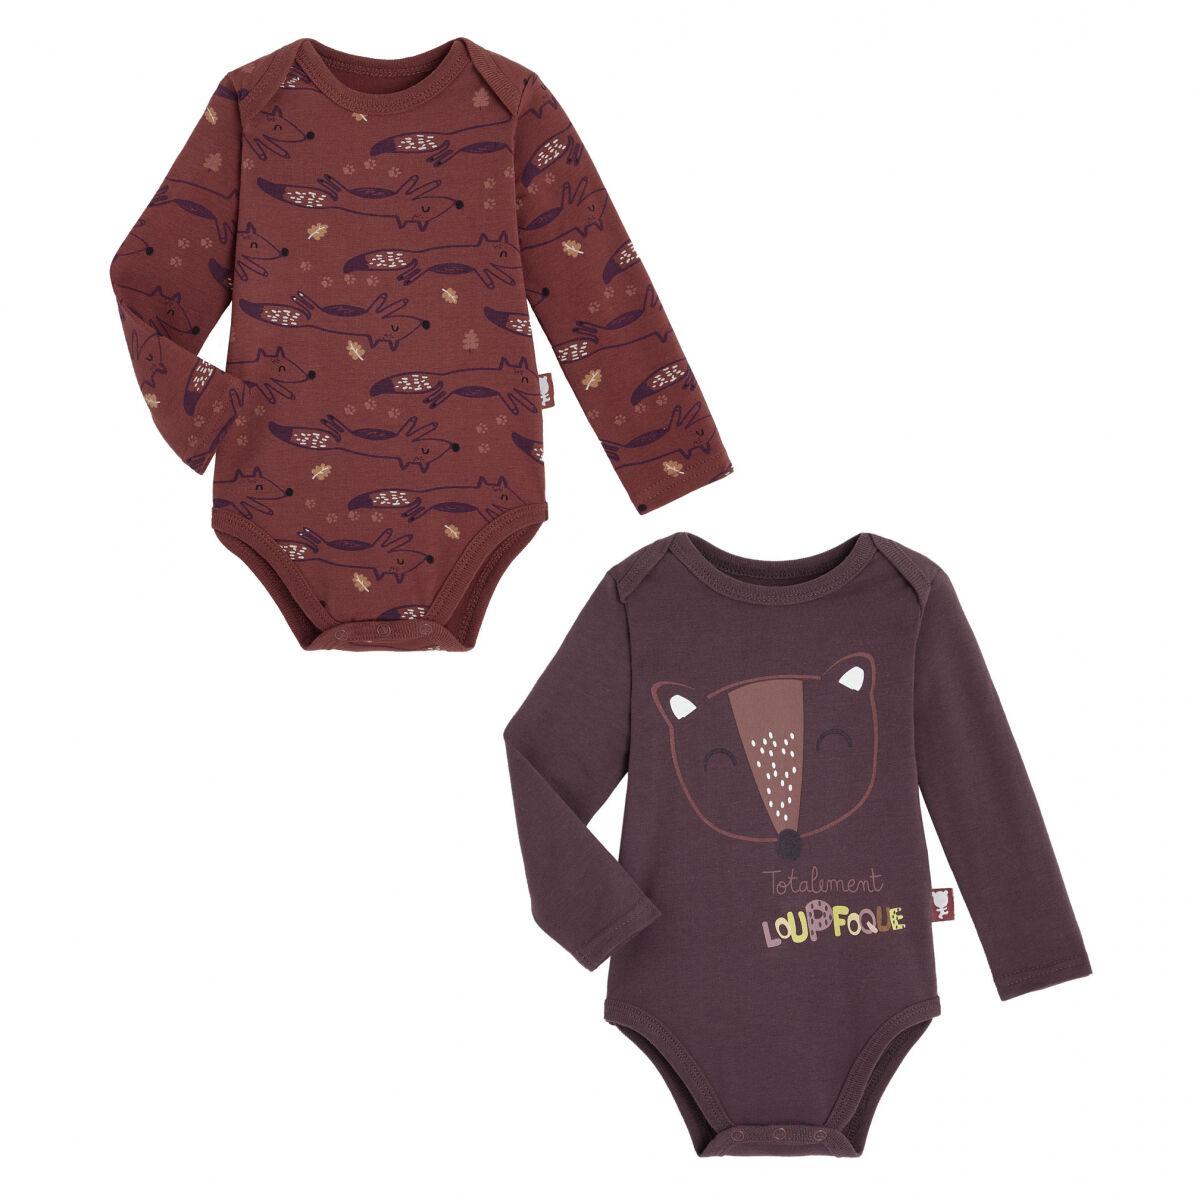 Petit Béguin Lot de 2 bodies bébé garçon manches longues contenant du coton bio Loupfoque - Taille - 6 mois